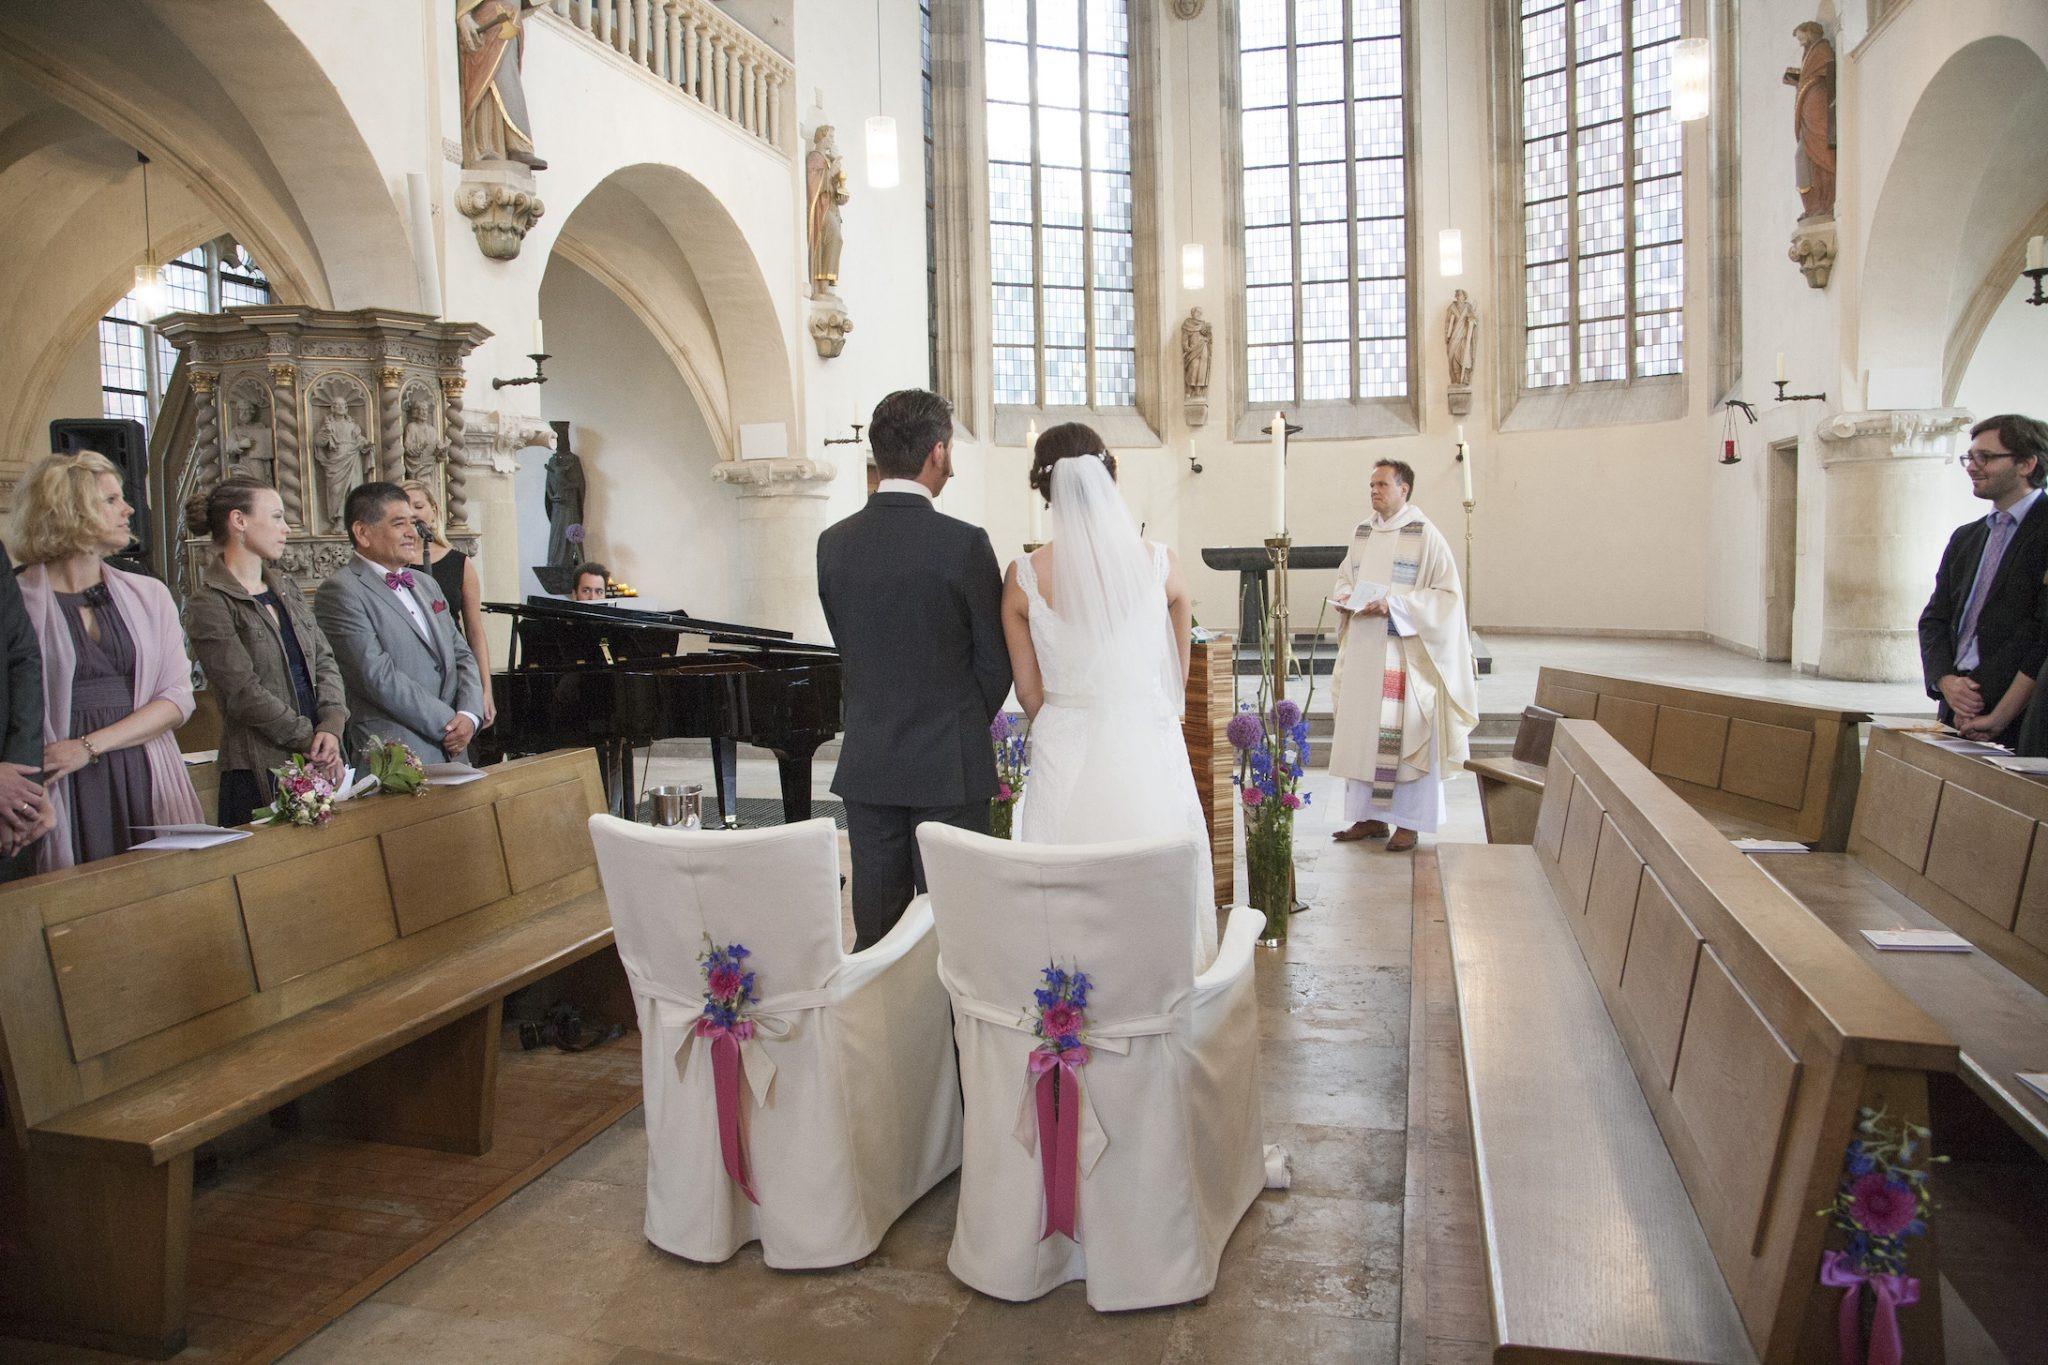 Hochzeit von Laura und Jan in Münster: Brautpaar von hinten in der Kirche